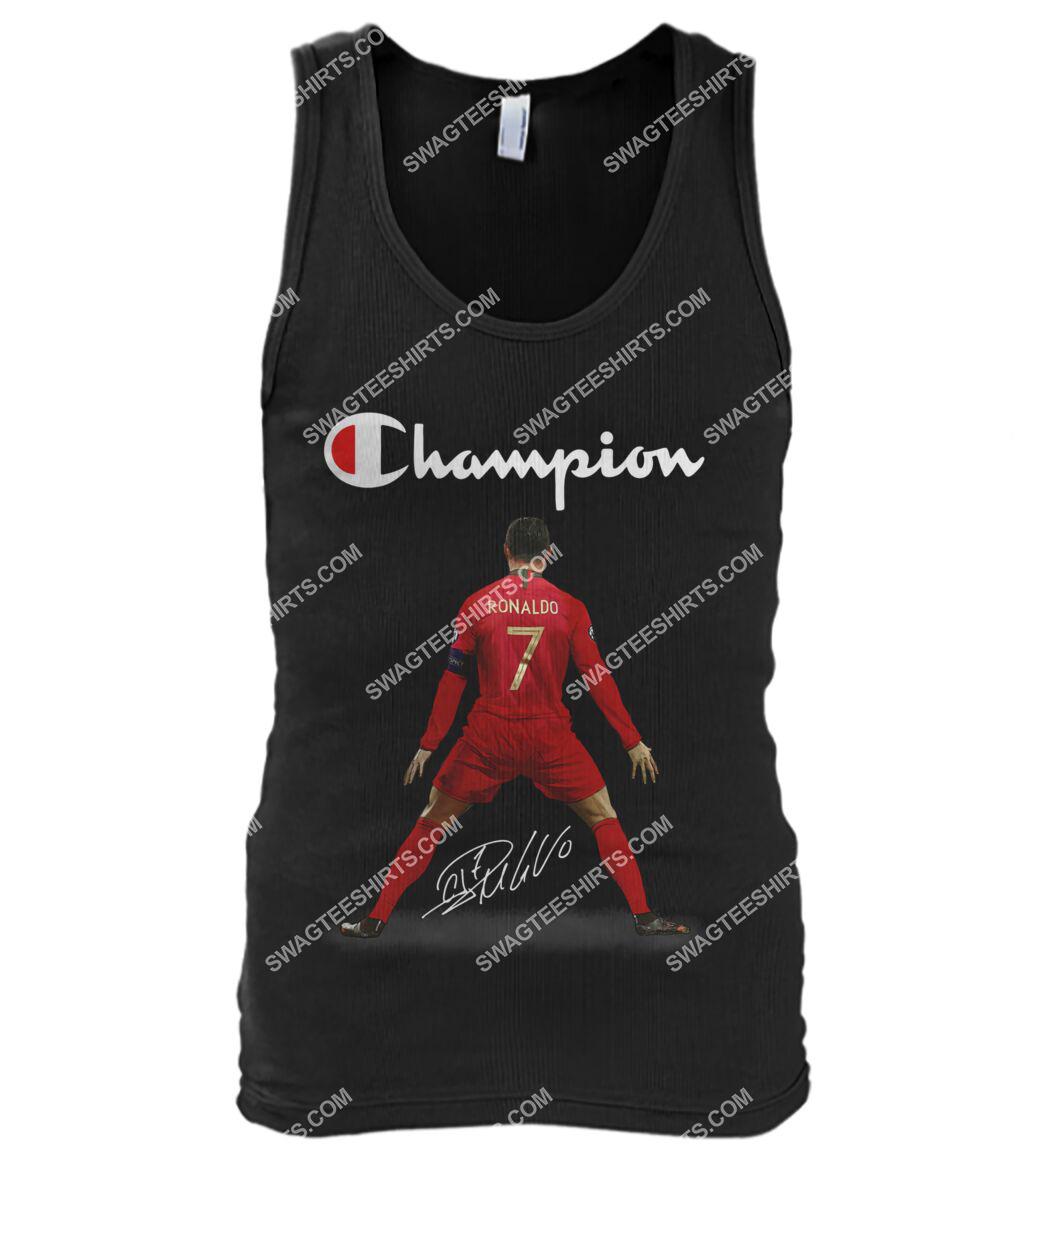 champion cristiano ronaldo signature tank top 1